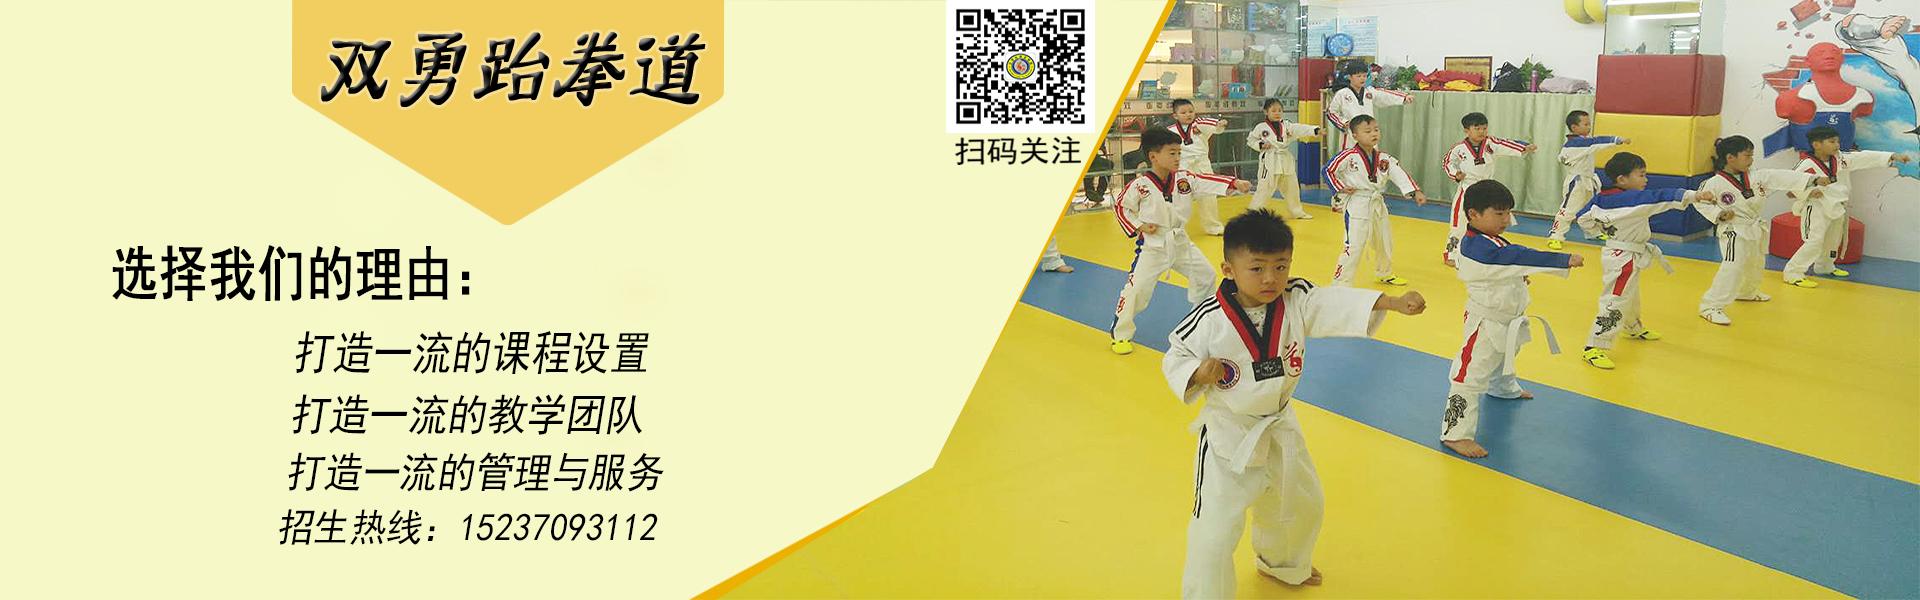 双勇跆拳道做河南专业的跆拳道培训机构